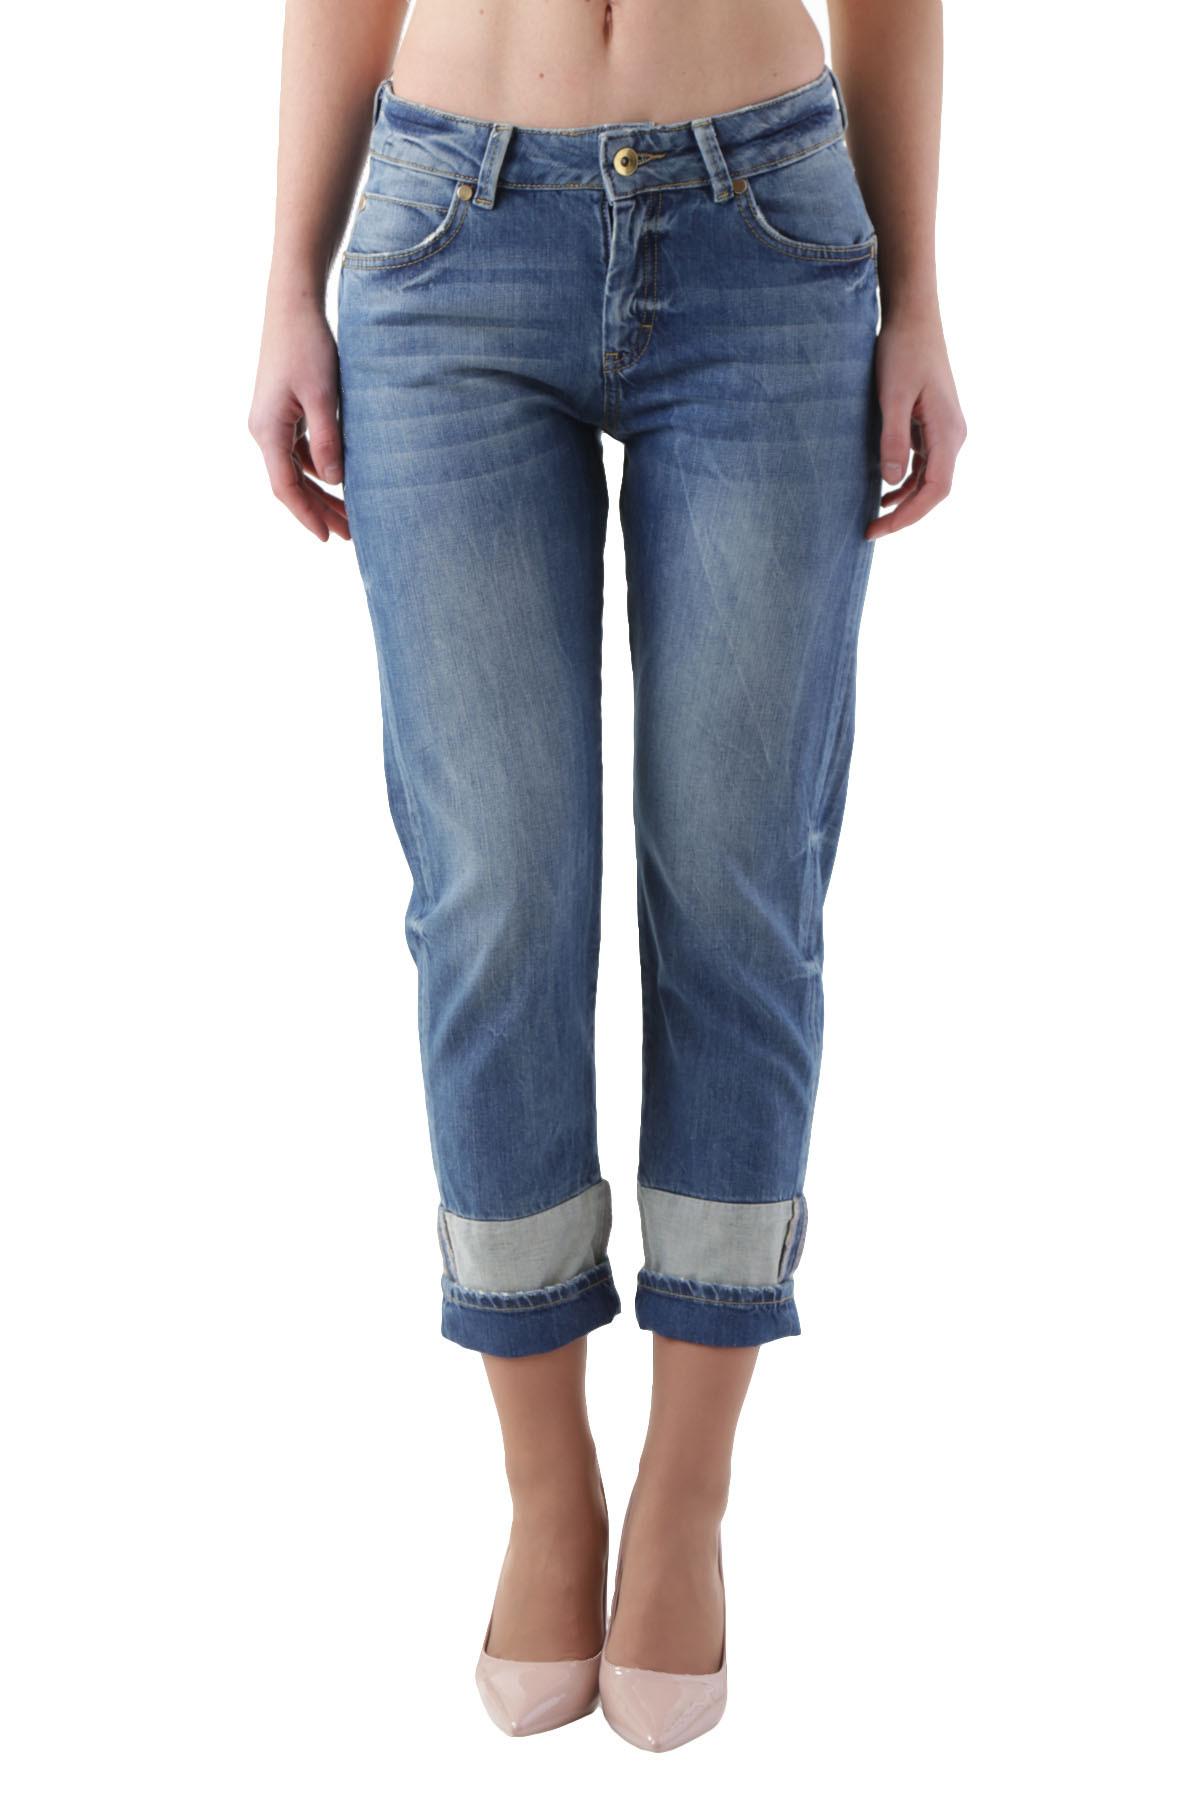 c7c3a0e3f085 GR 104481 Italy blu Cristina Gavioli Jeans Donna - Sped. in 24 48 ore  lavorative